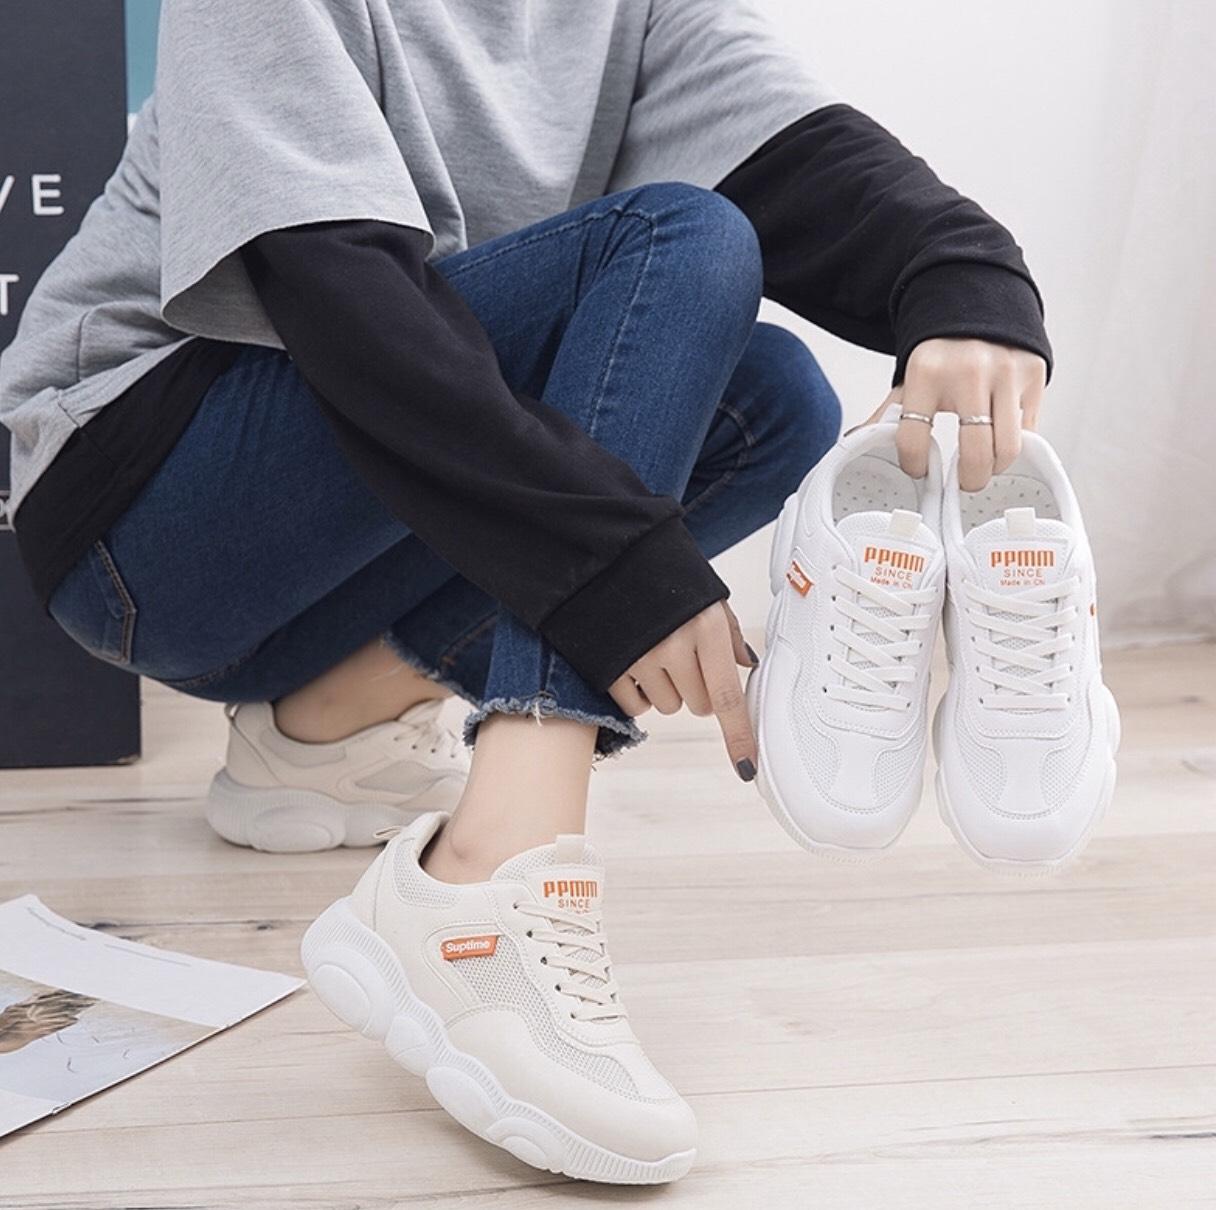 Giày thể thao nữ trắng